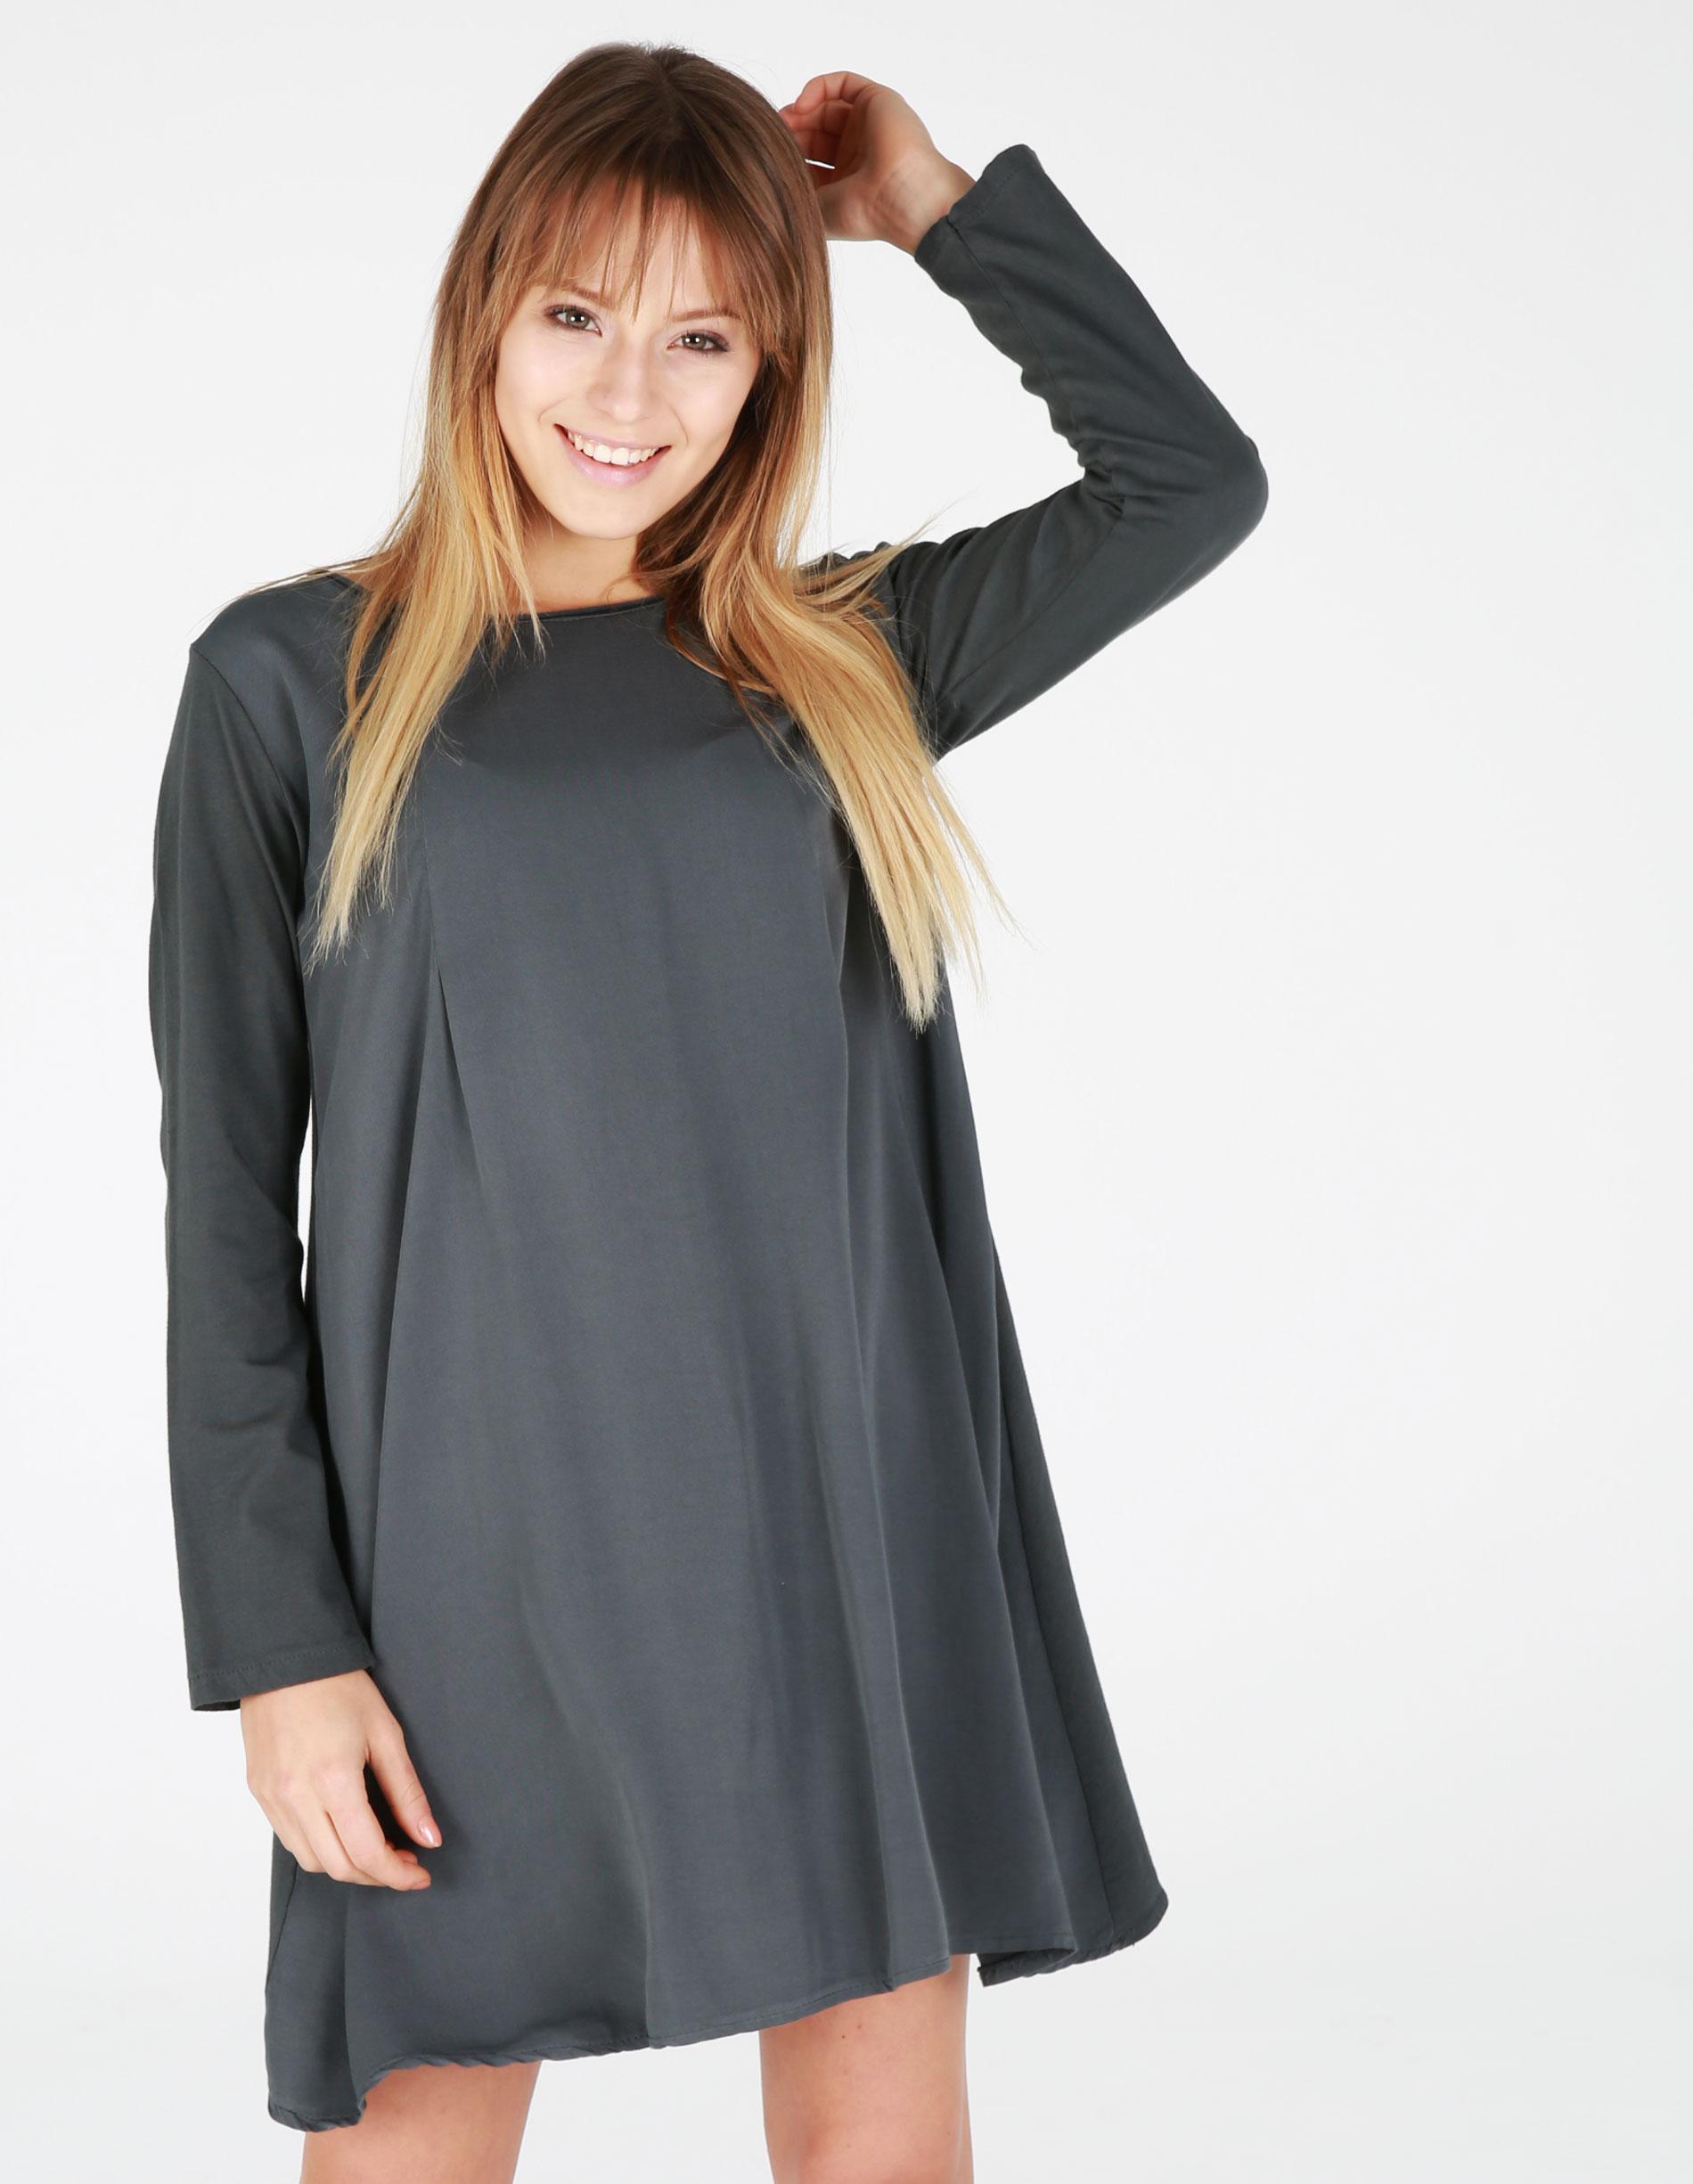 Sukienka - 77-7177 PIOMB - Unisono